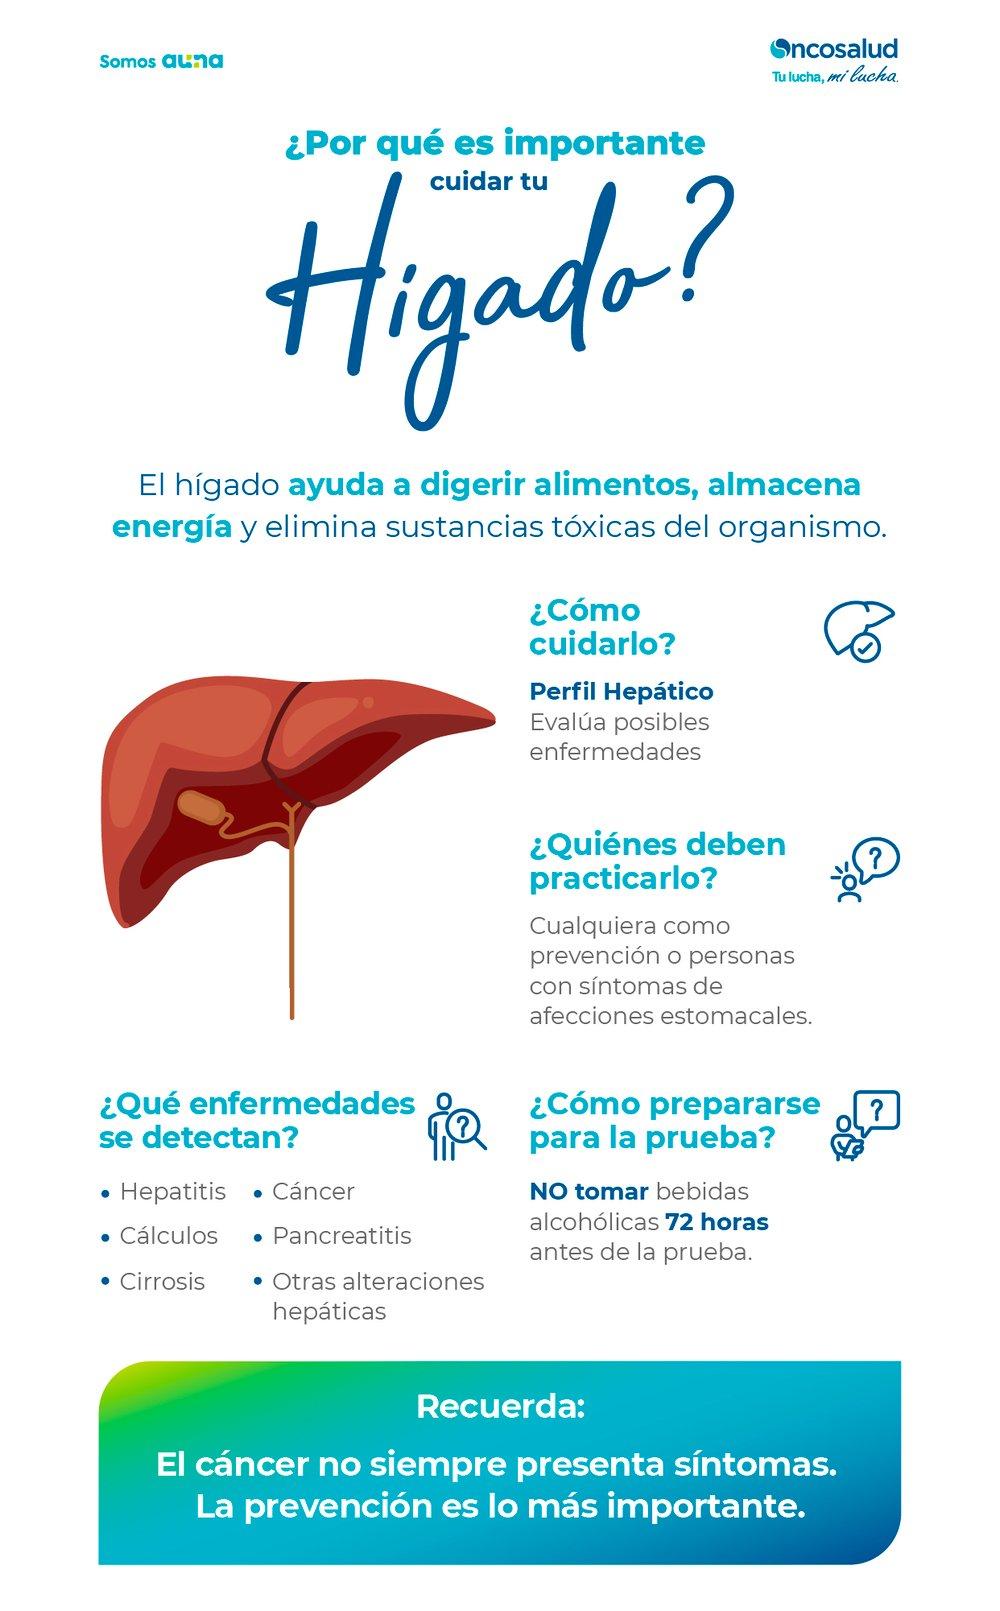 pruebas de funcionamiento hepático